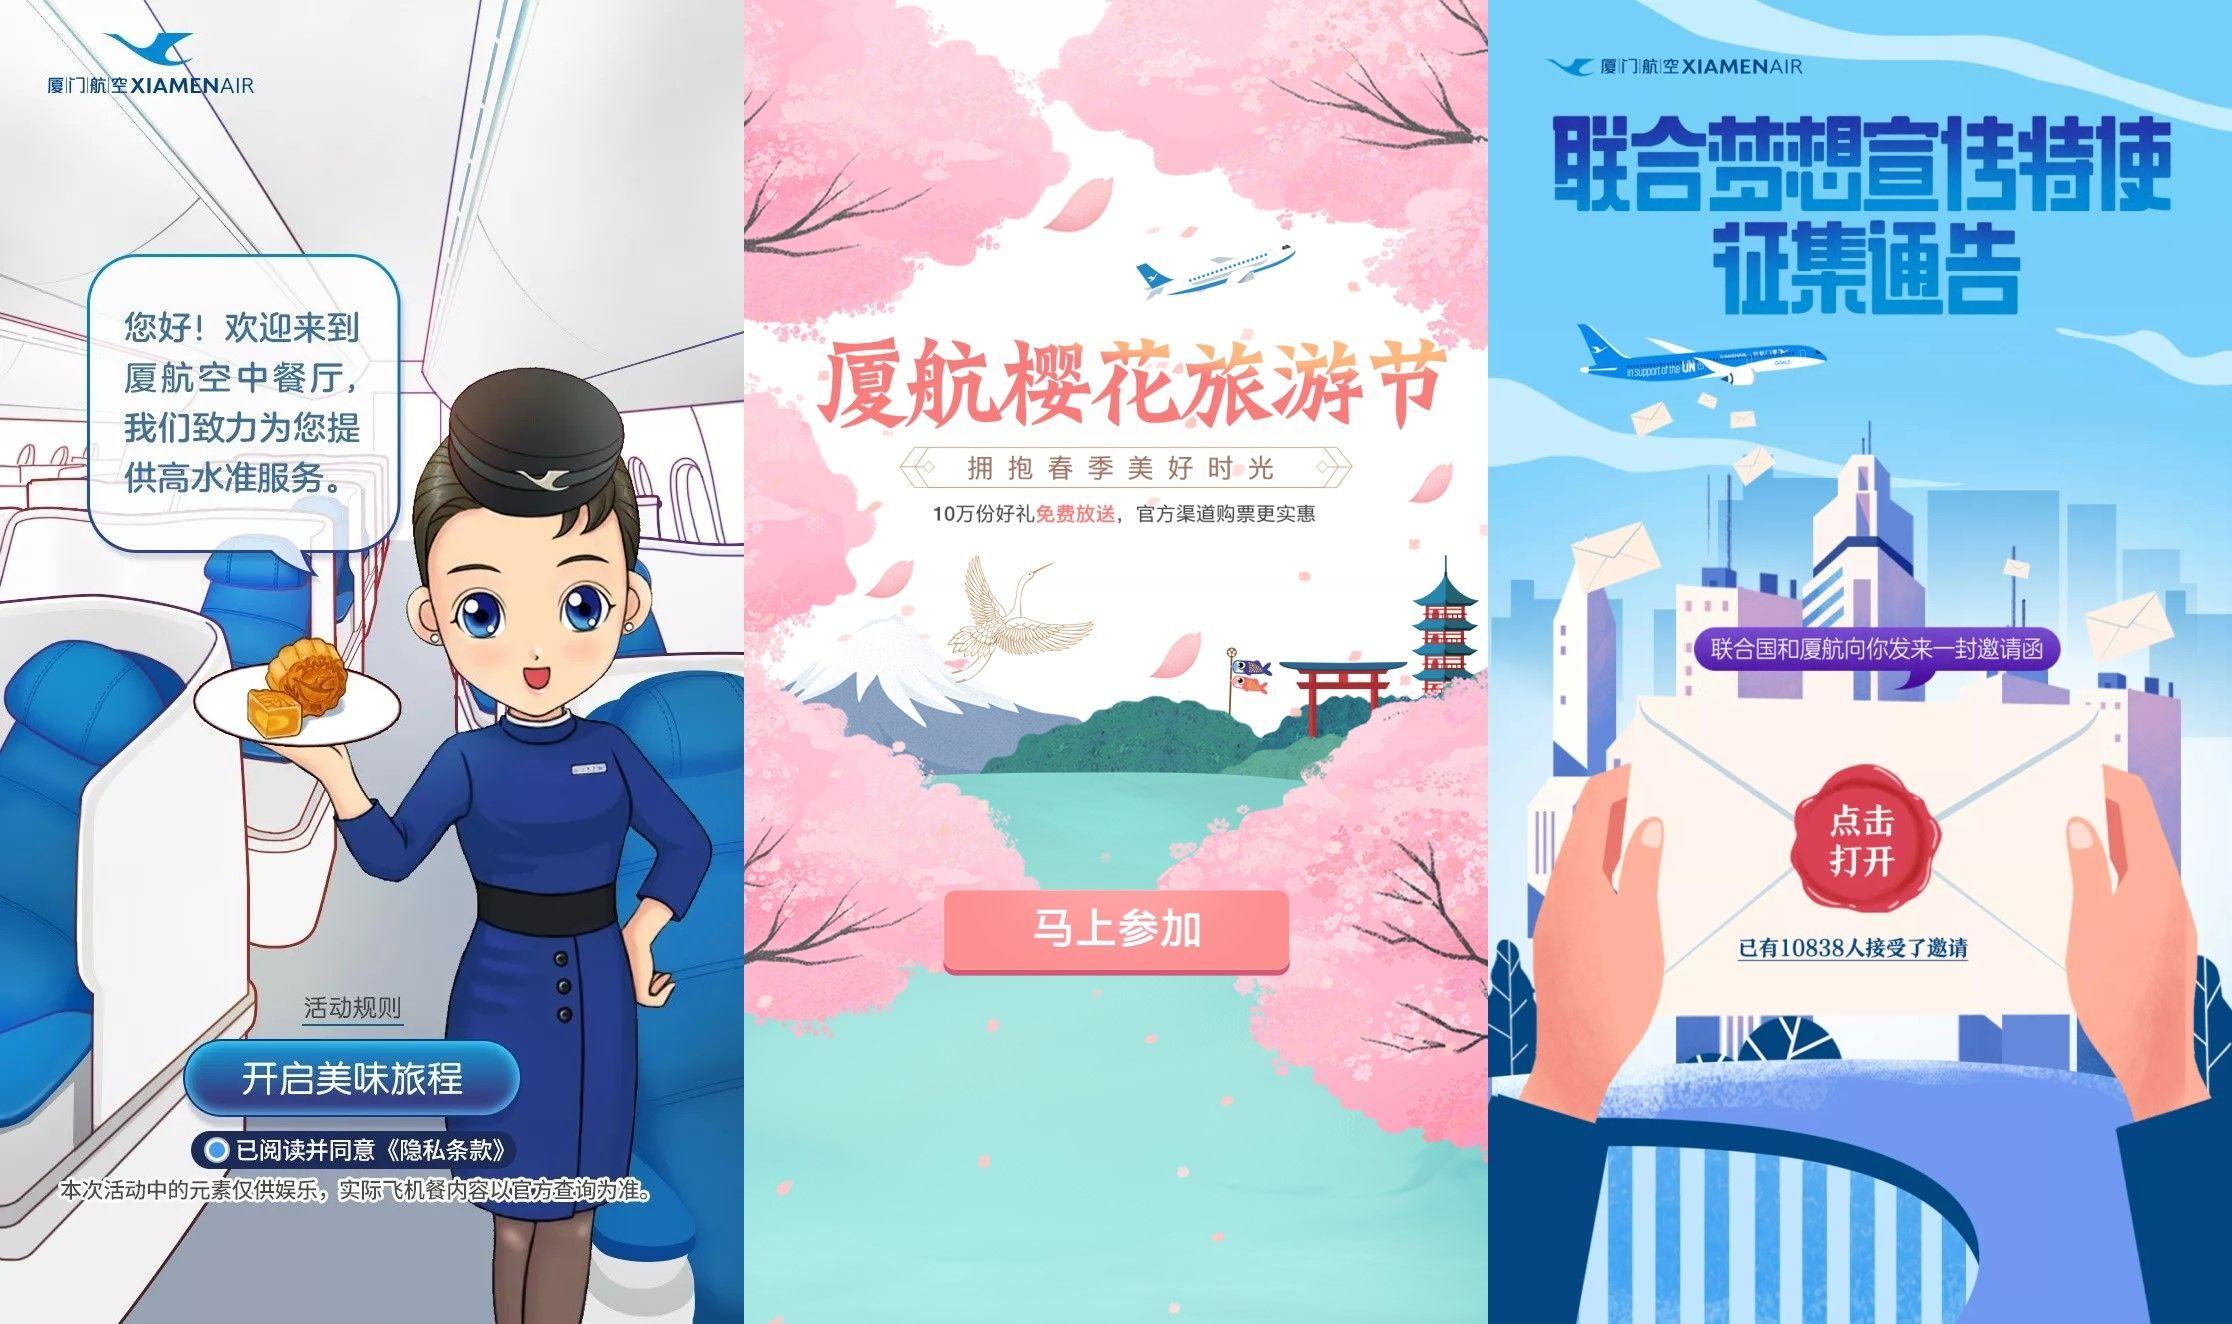 2019民航传播奖候选案例:厦航节日营销系列传播